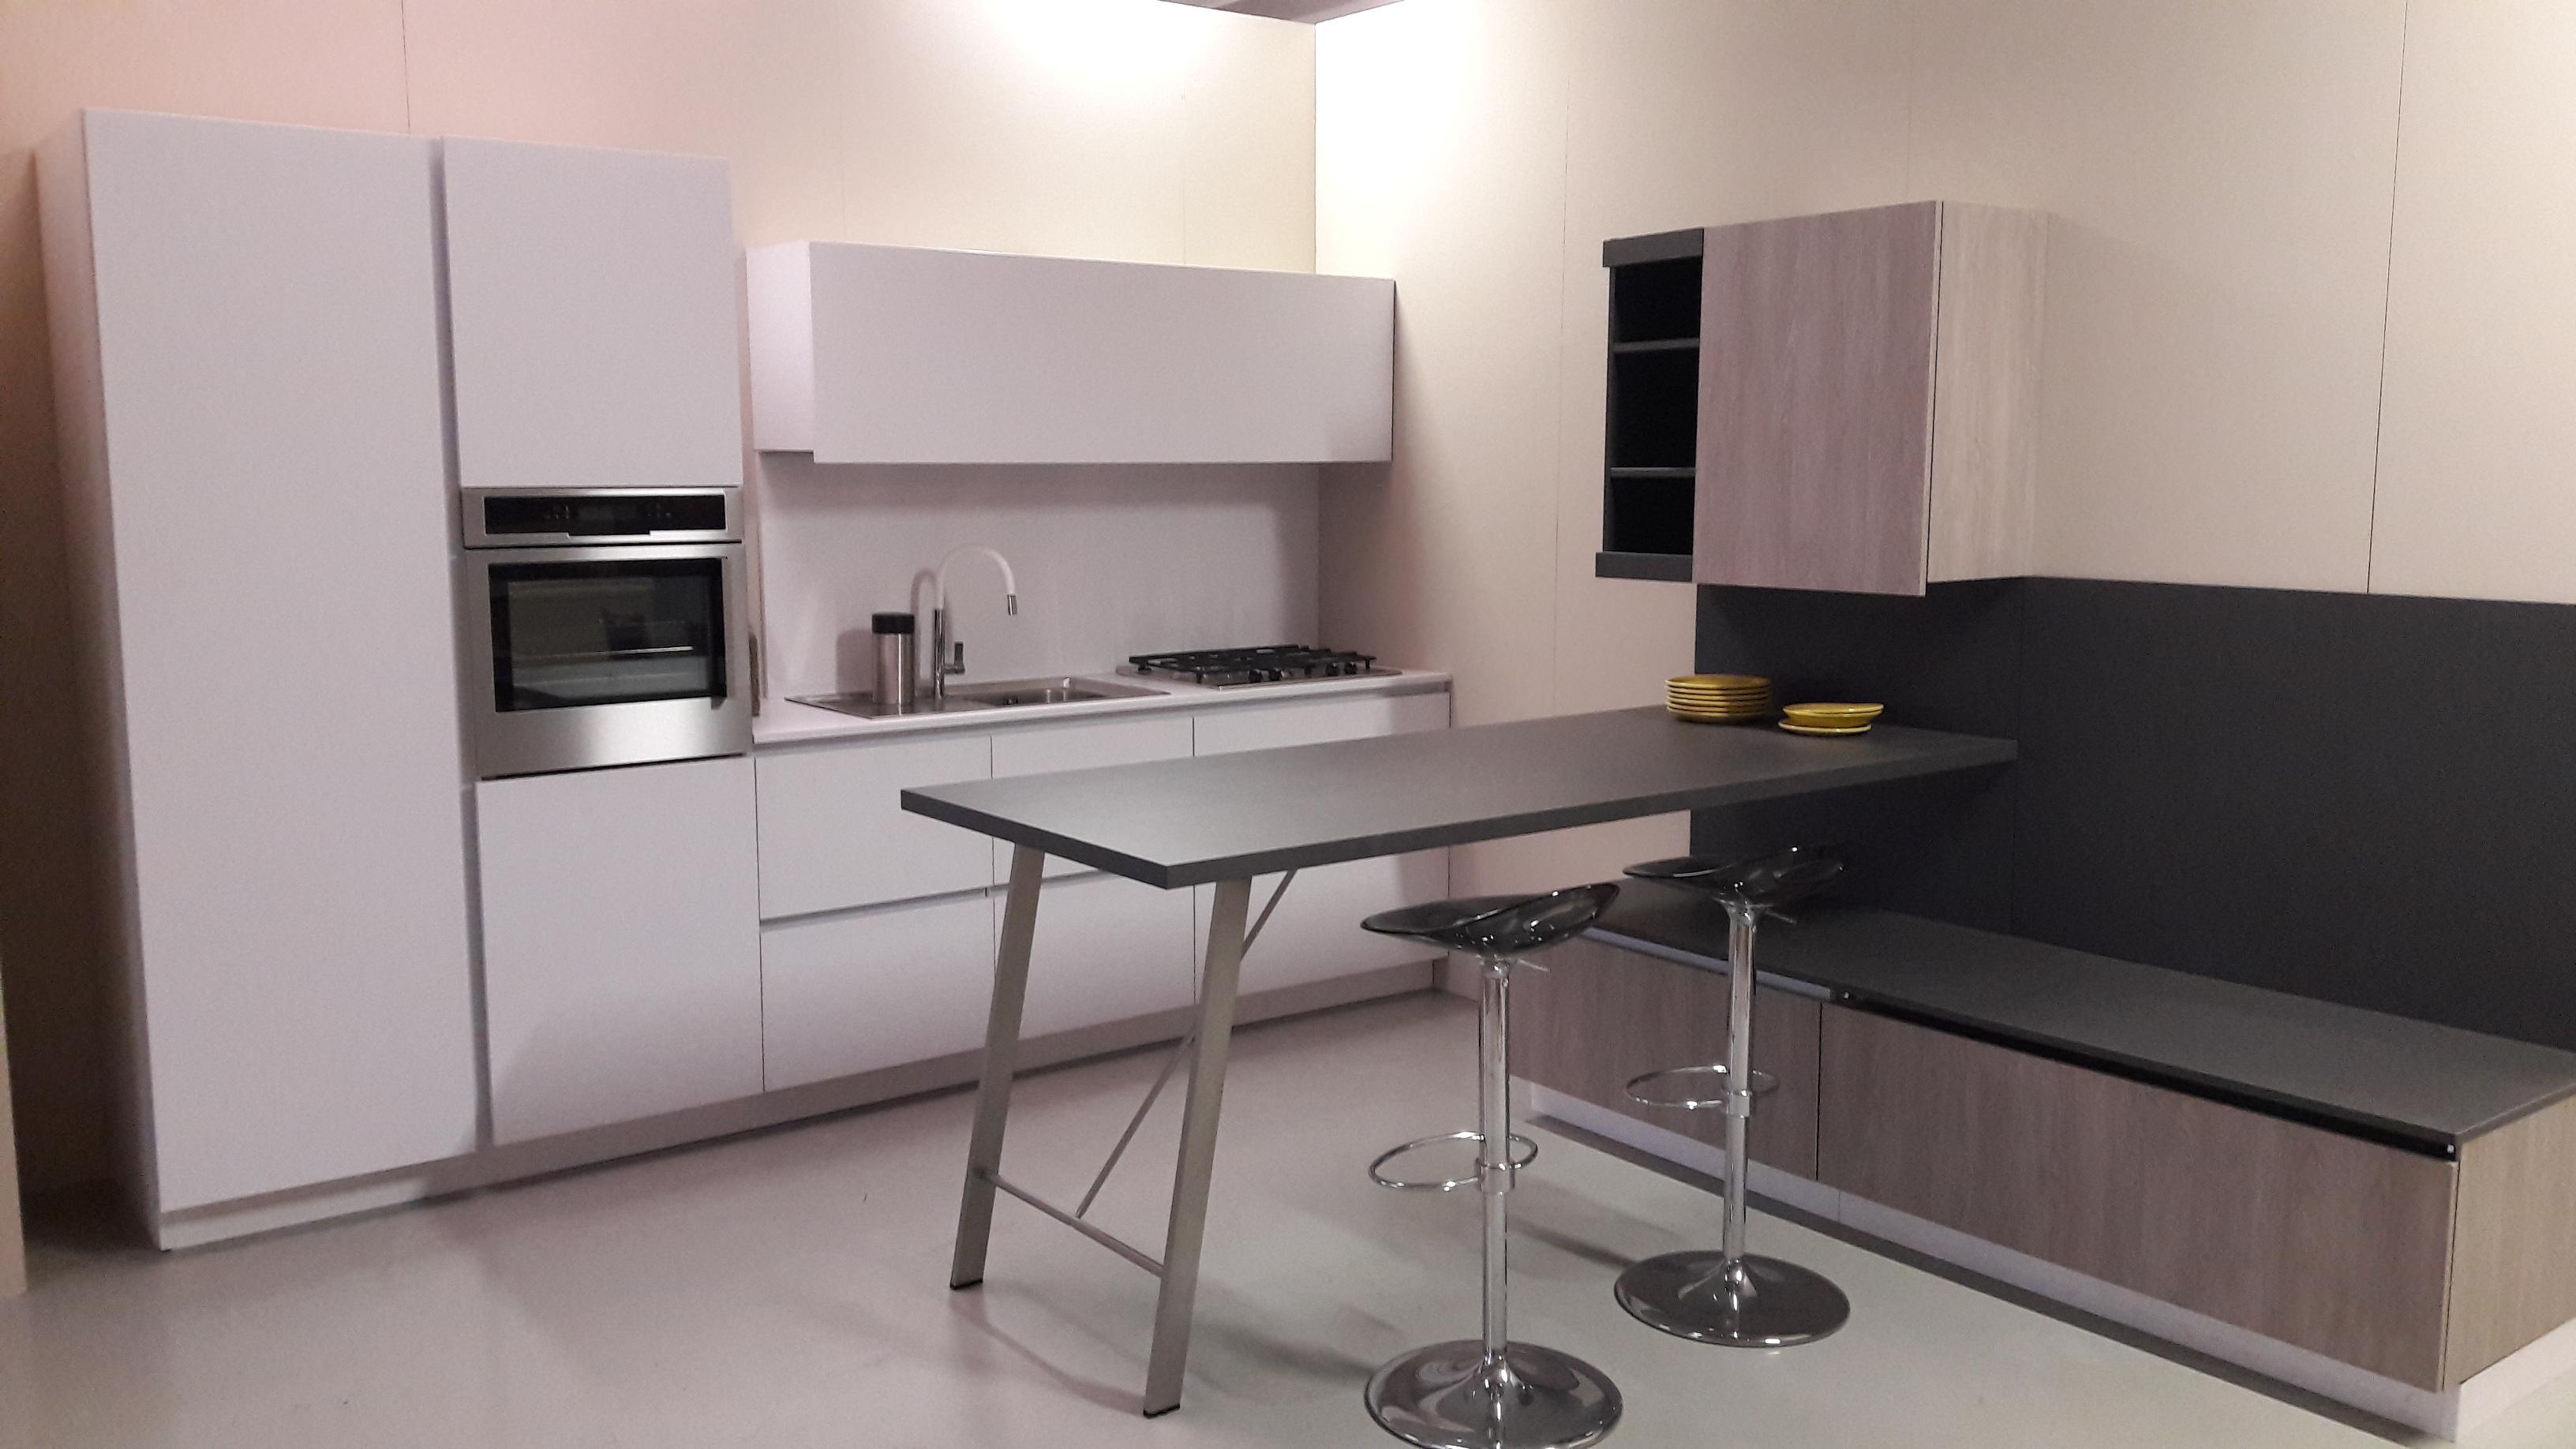 Cucina First by Snaidero con soggiorno